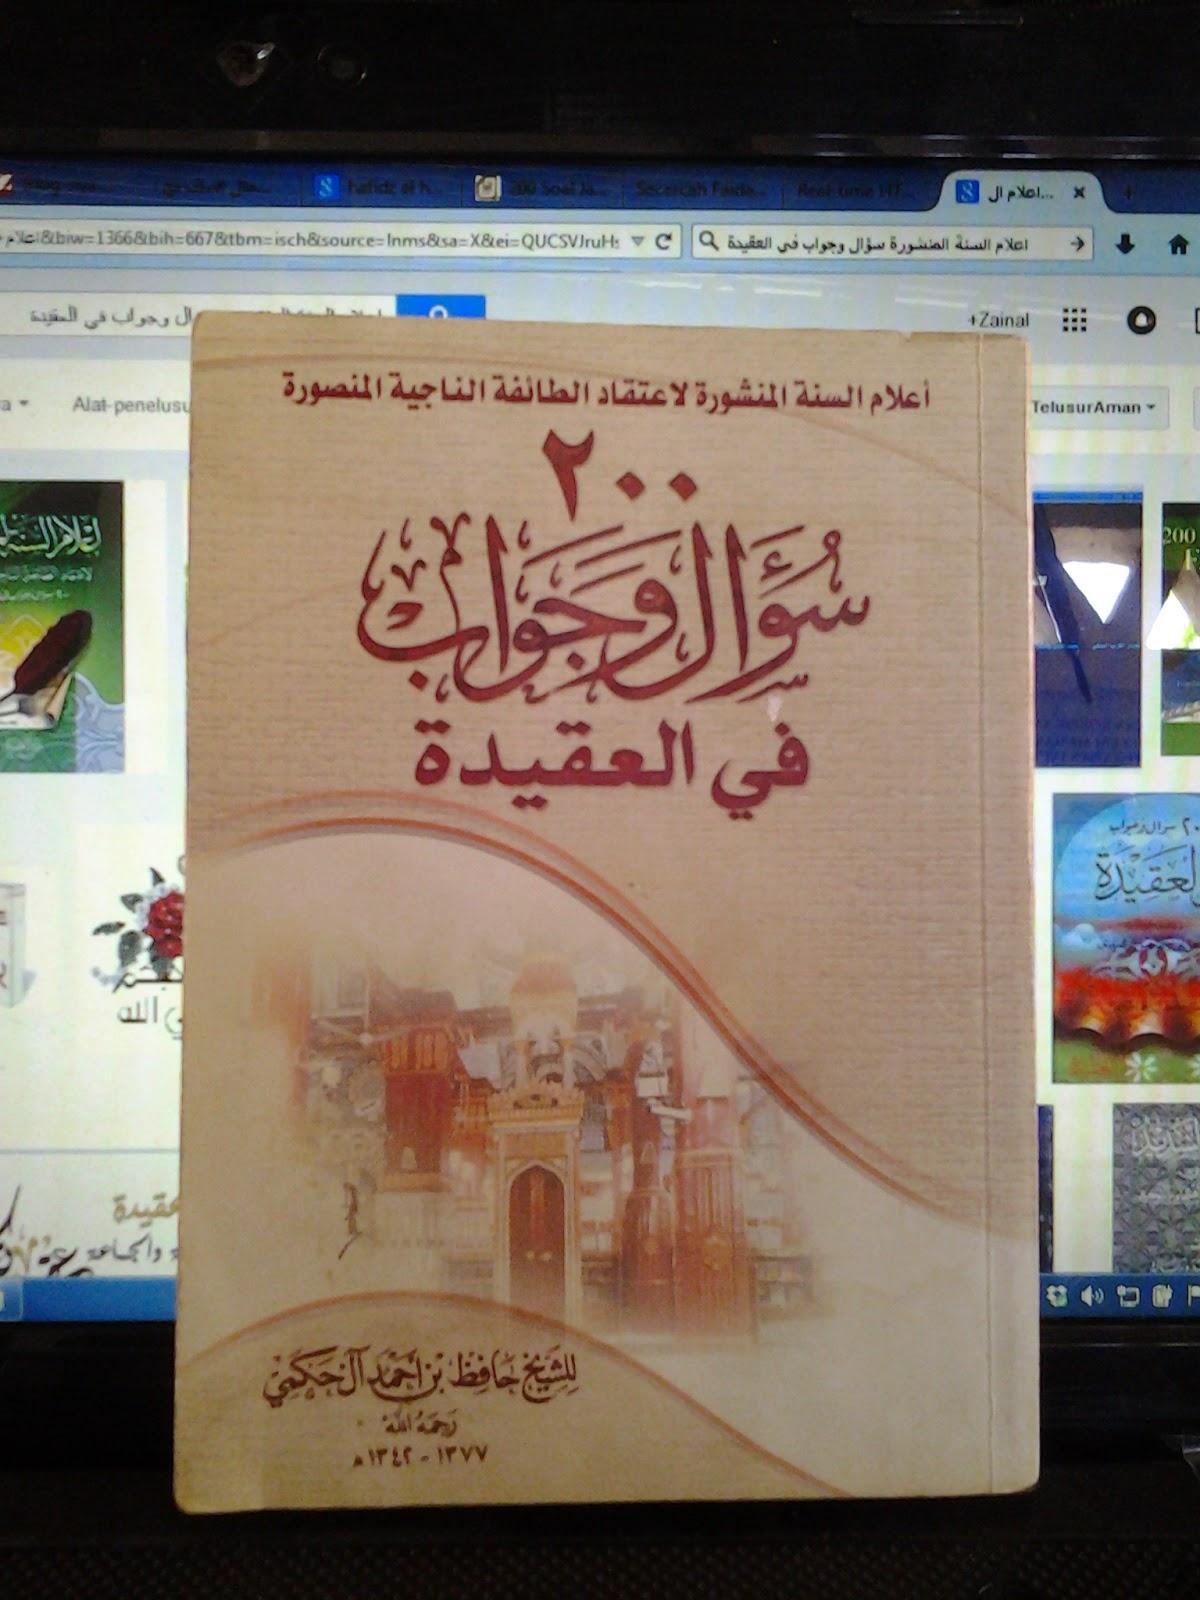 200 Soal Jawab Dalam Bidang Aqidah Islamiyah Kajian Islam Dan Bahasa Arab